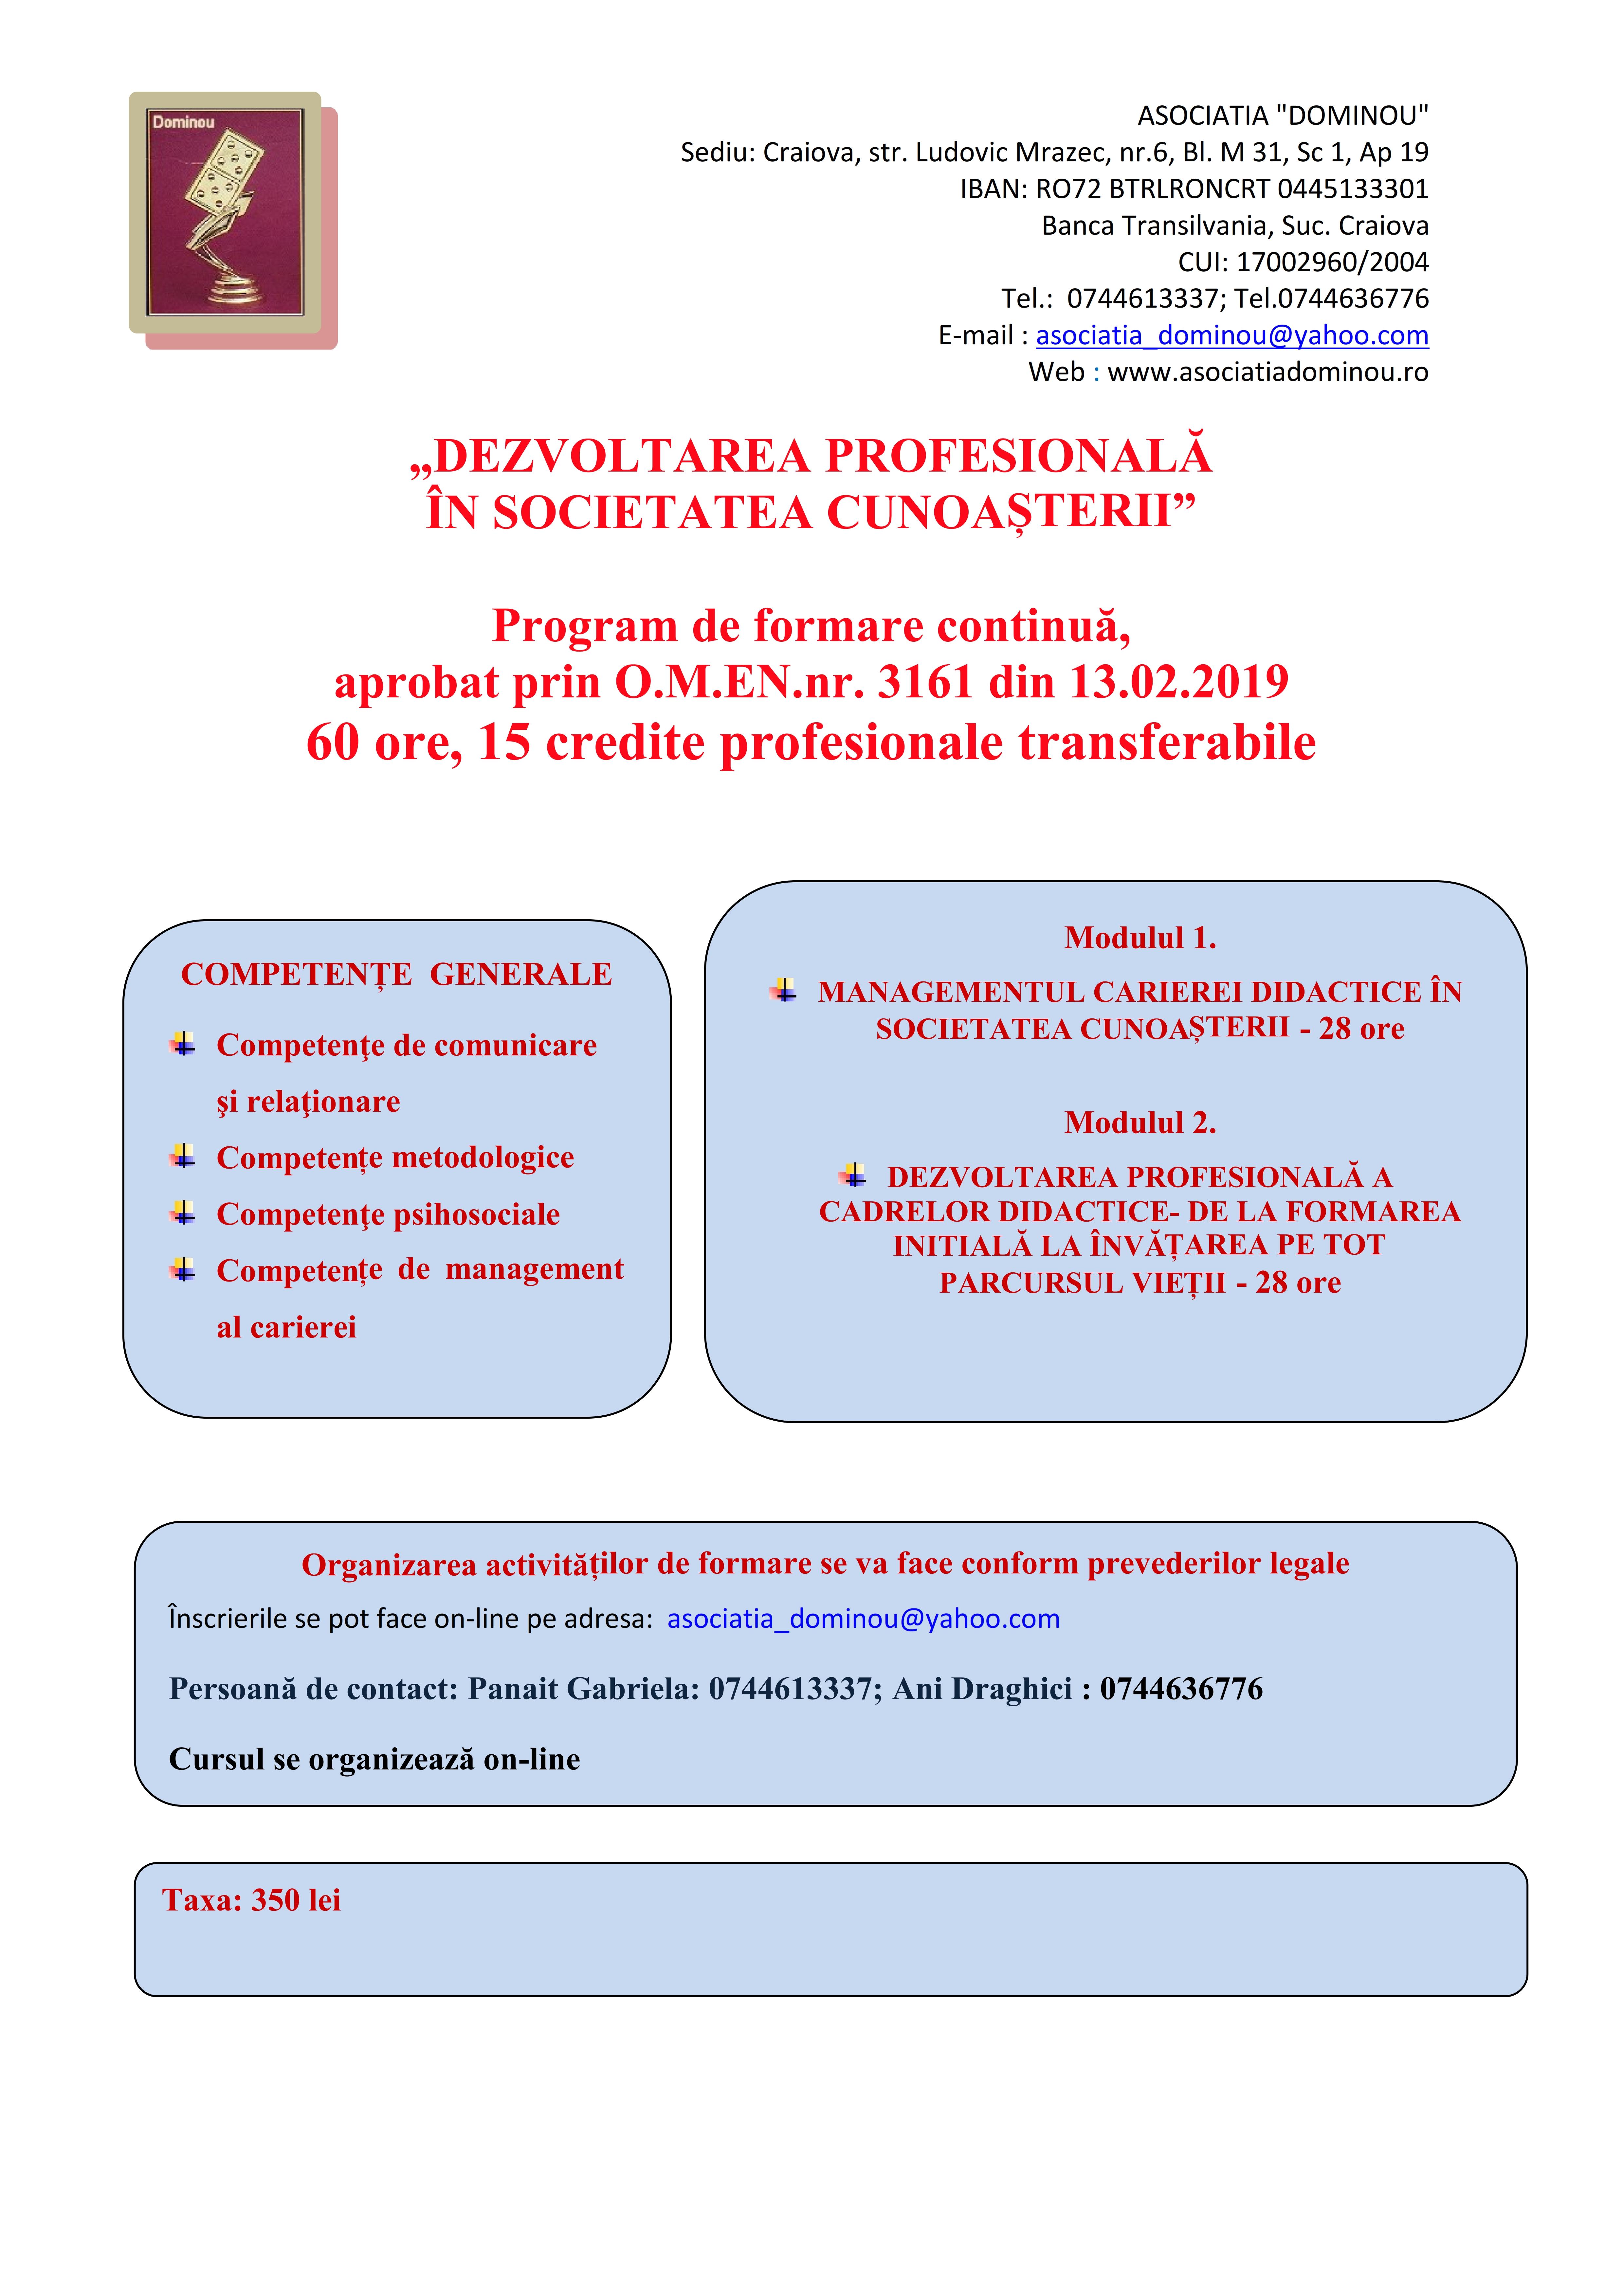 Cursuri management online cu credite